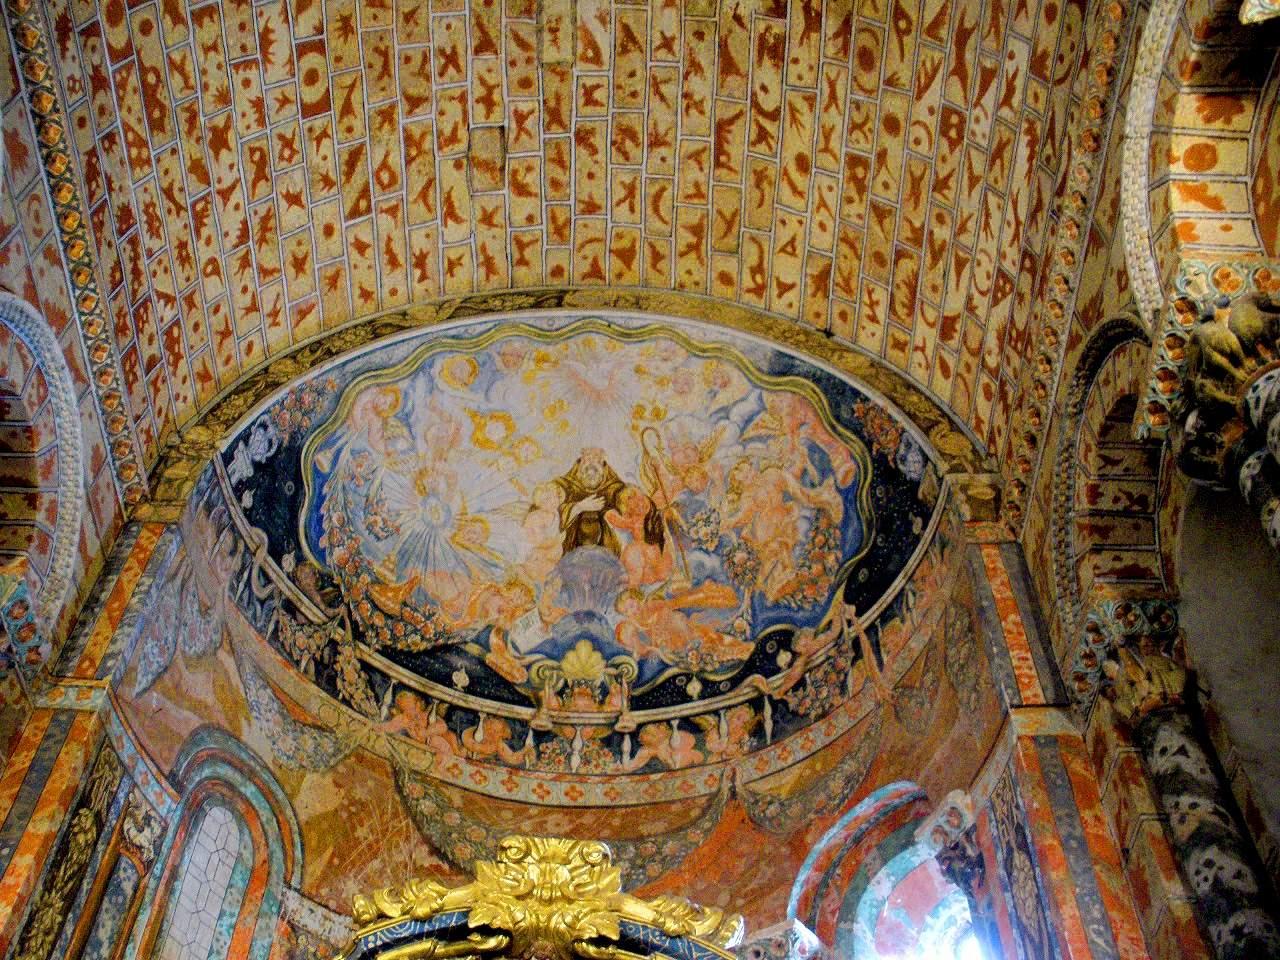 File Avila Basilica De San Vicente Interiores 43 Capilla De San Francisco De Paula Jpg Wikimedia Commons